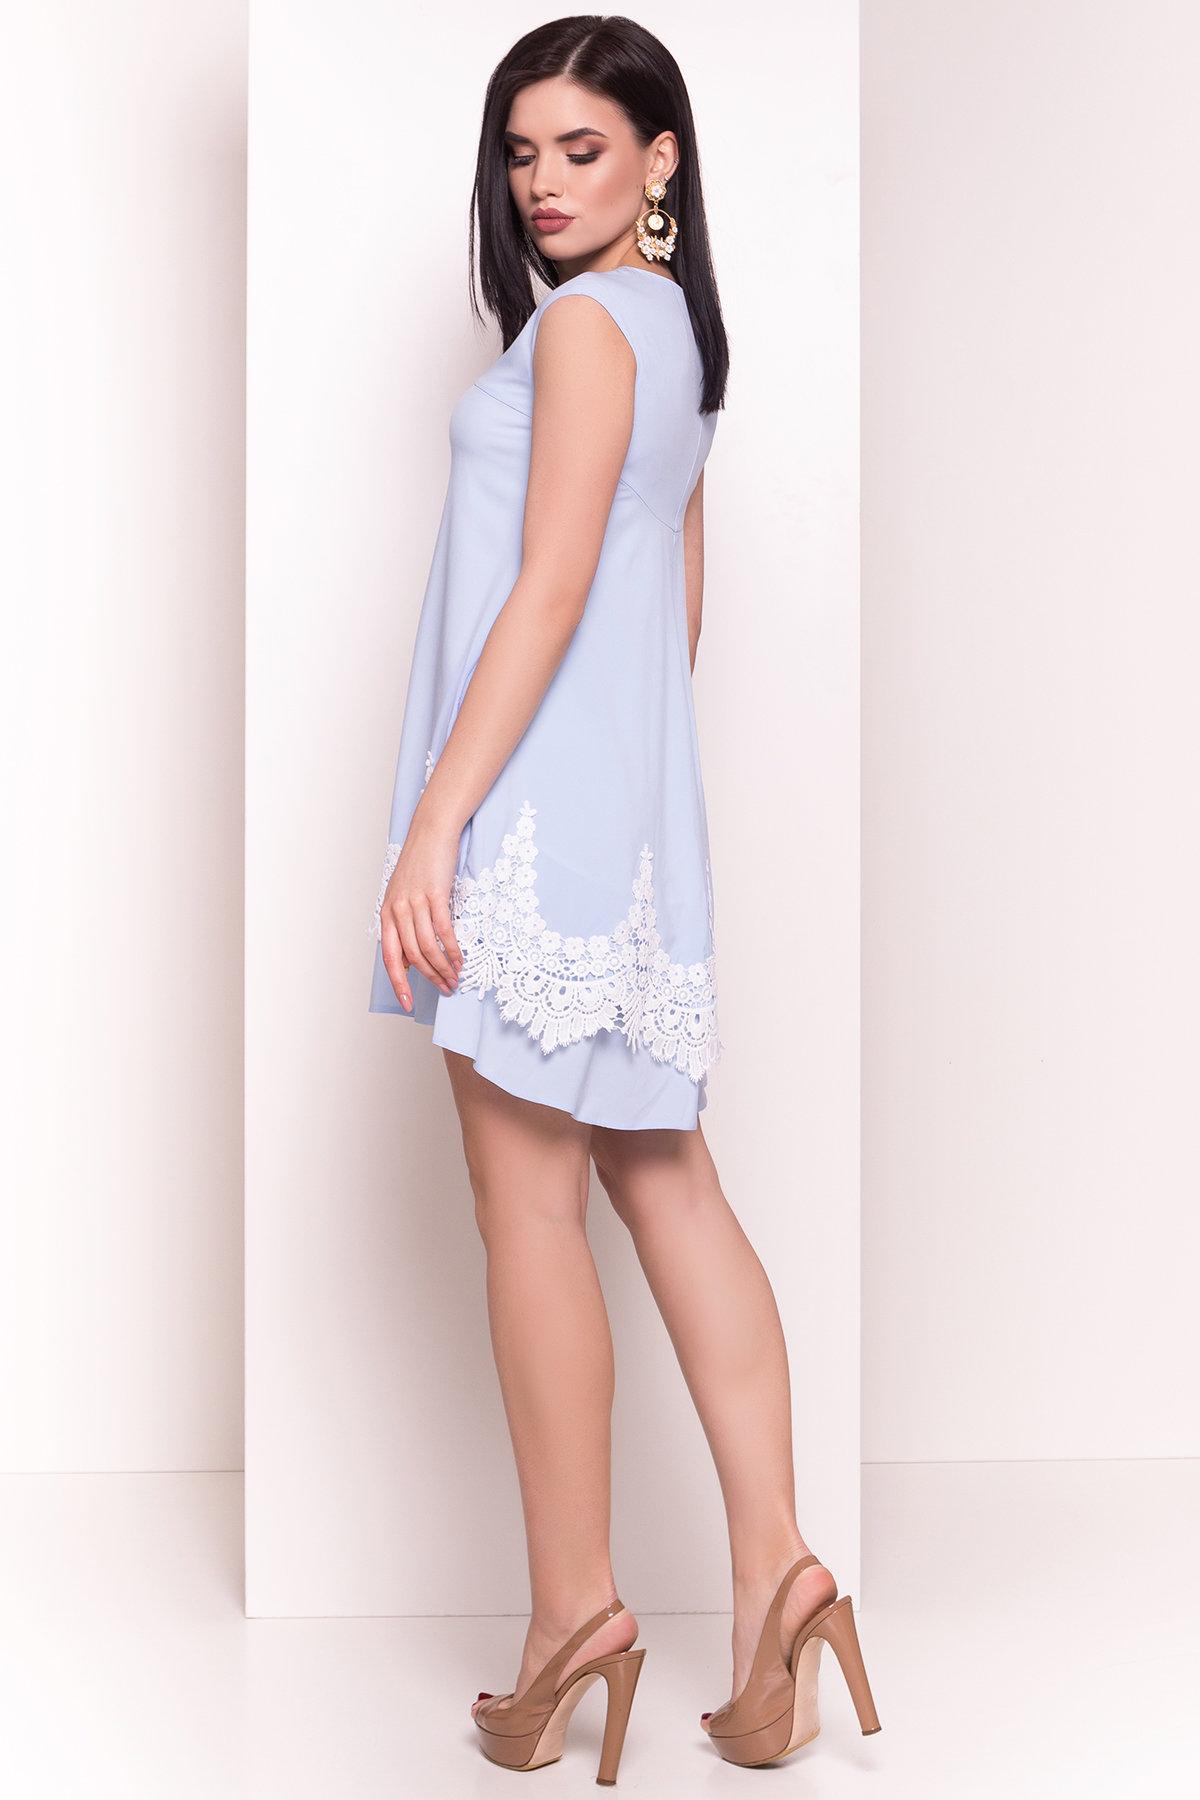 Платье Арвель 4894 АРТ. 34785 Цвет: Голубой - фото 3, интернет магазин tm-modus.ru